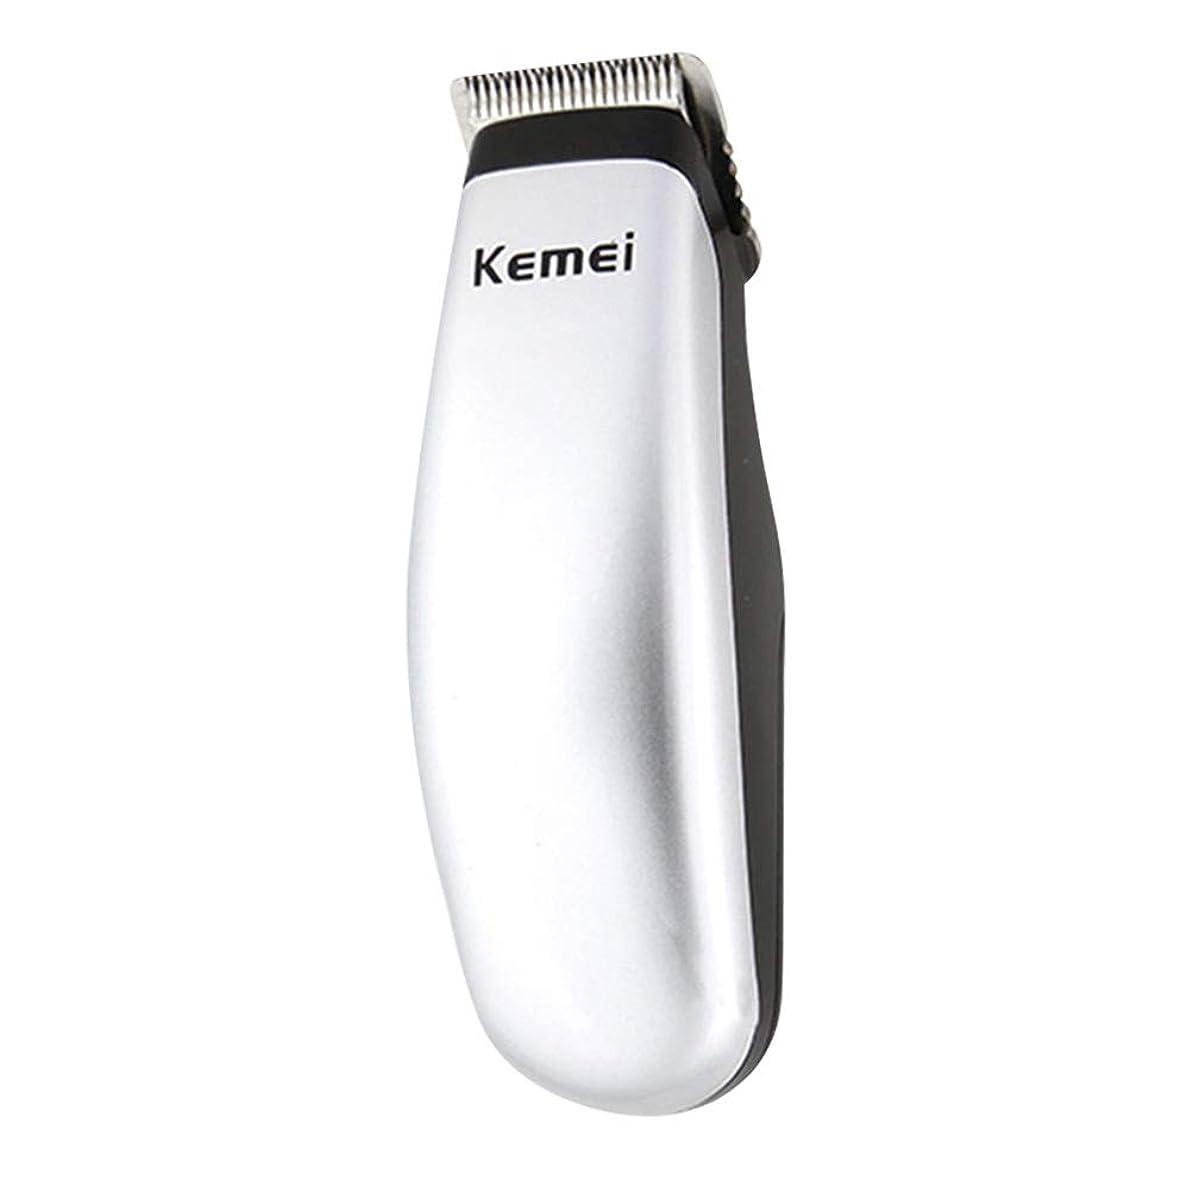 放棄する処分した印をつけるArtibetter 男性用と女性用のヘアカットクリッパー理容用バリカン(バッテリーなし)